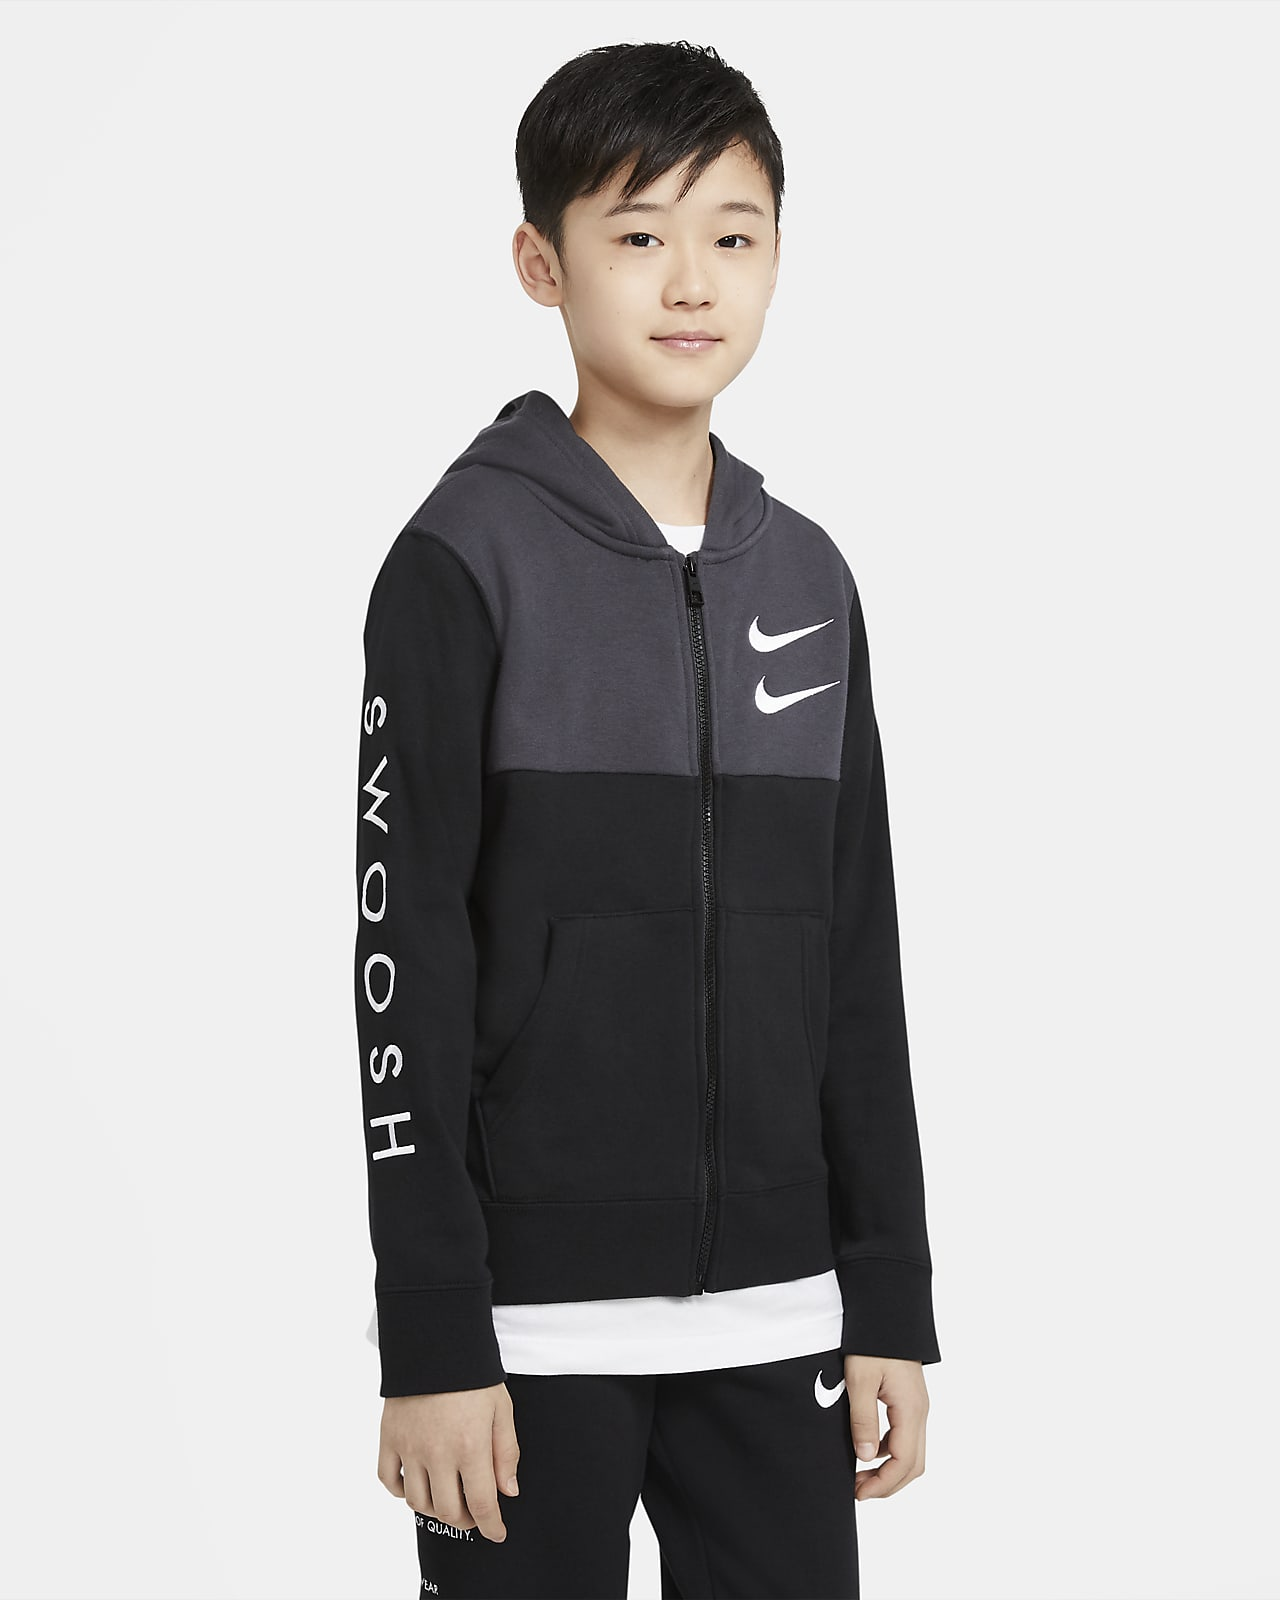 Felpa con cappuccio e zip a tutta lunghezza Nike Sportswear Swoosh - Ragazzo